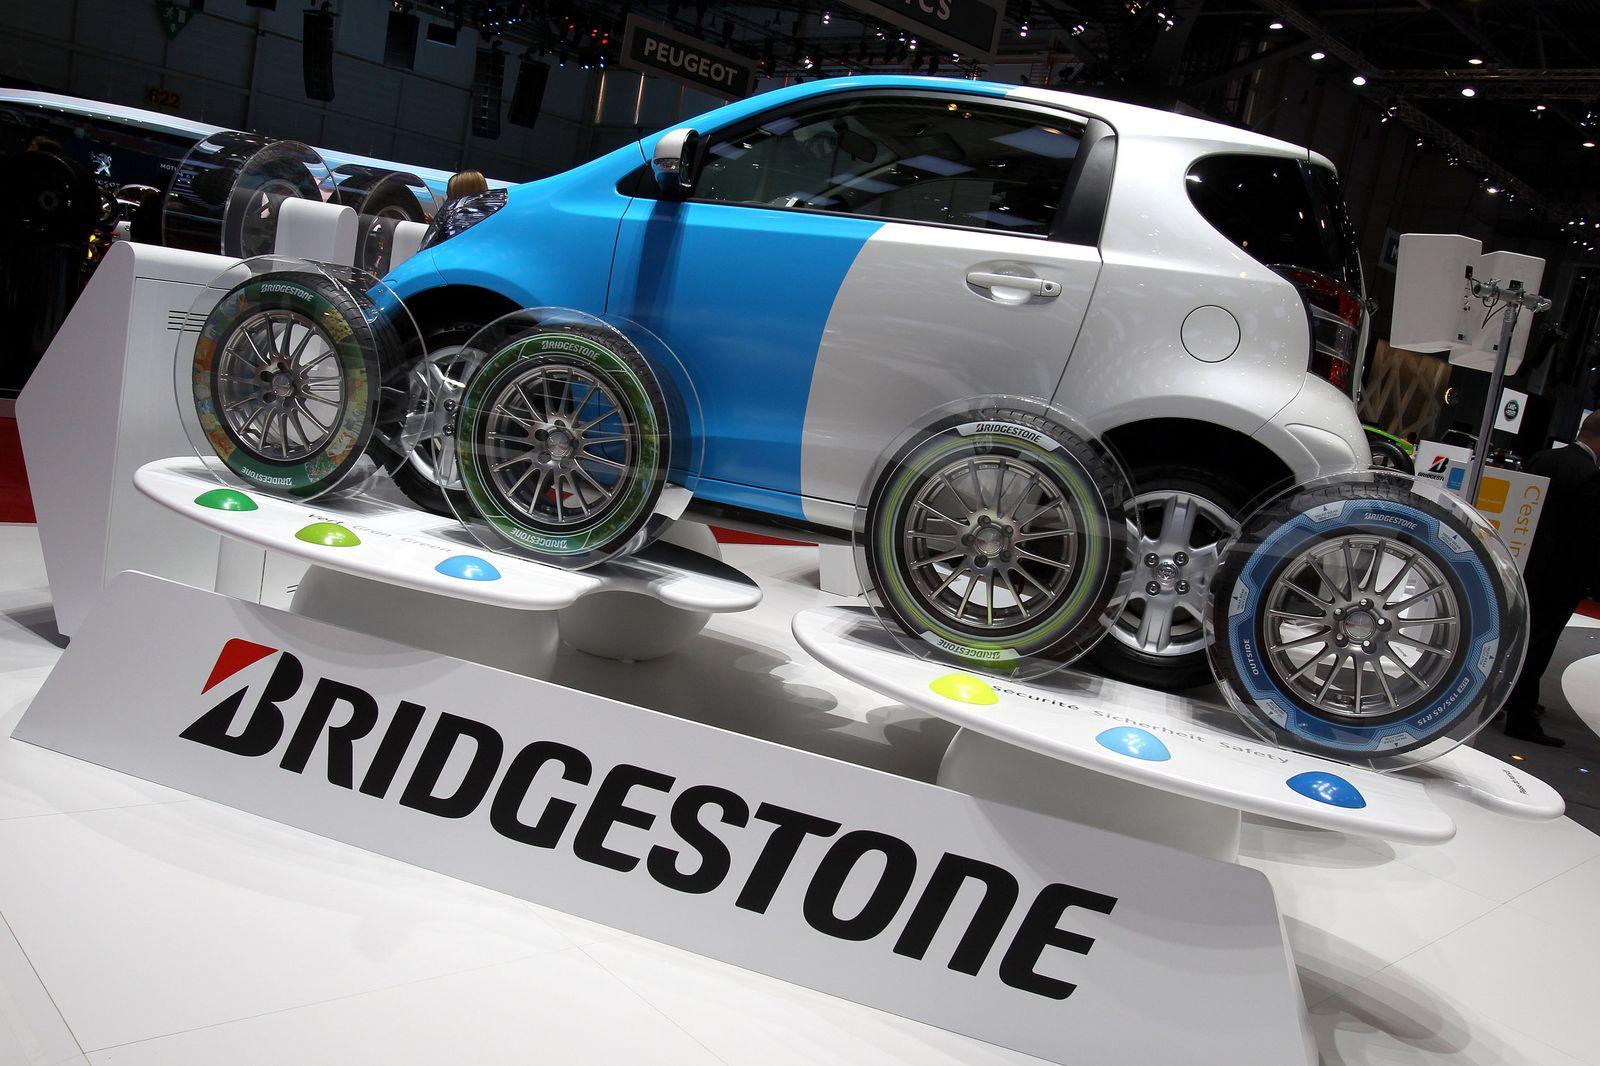 Genf / Erfindungen / Bridgestone